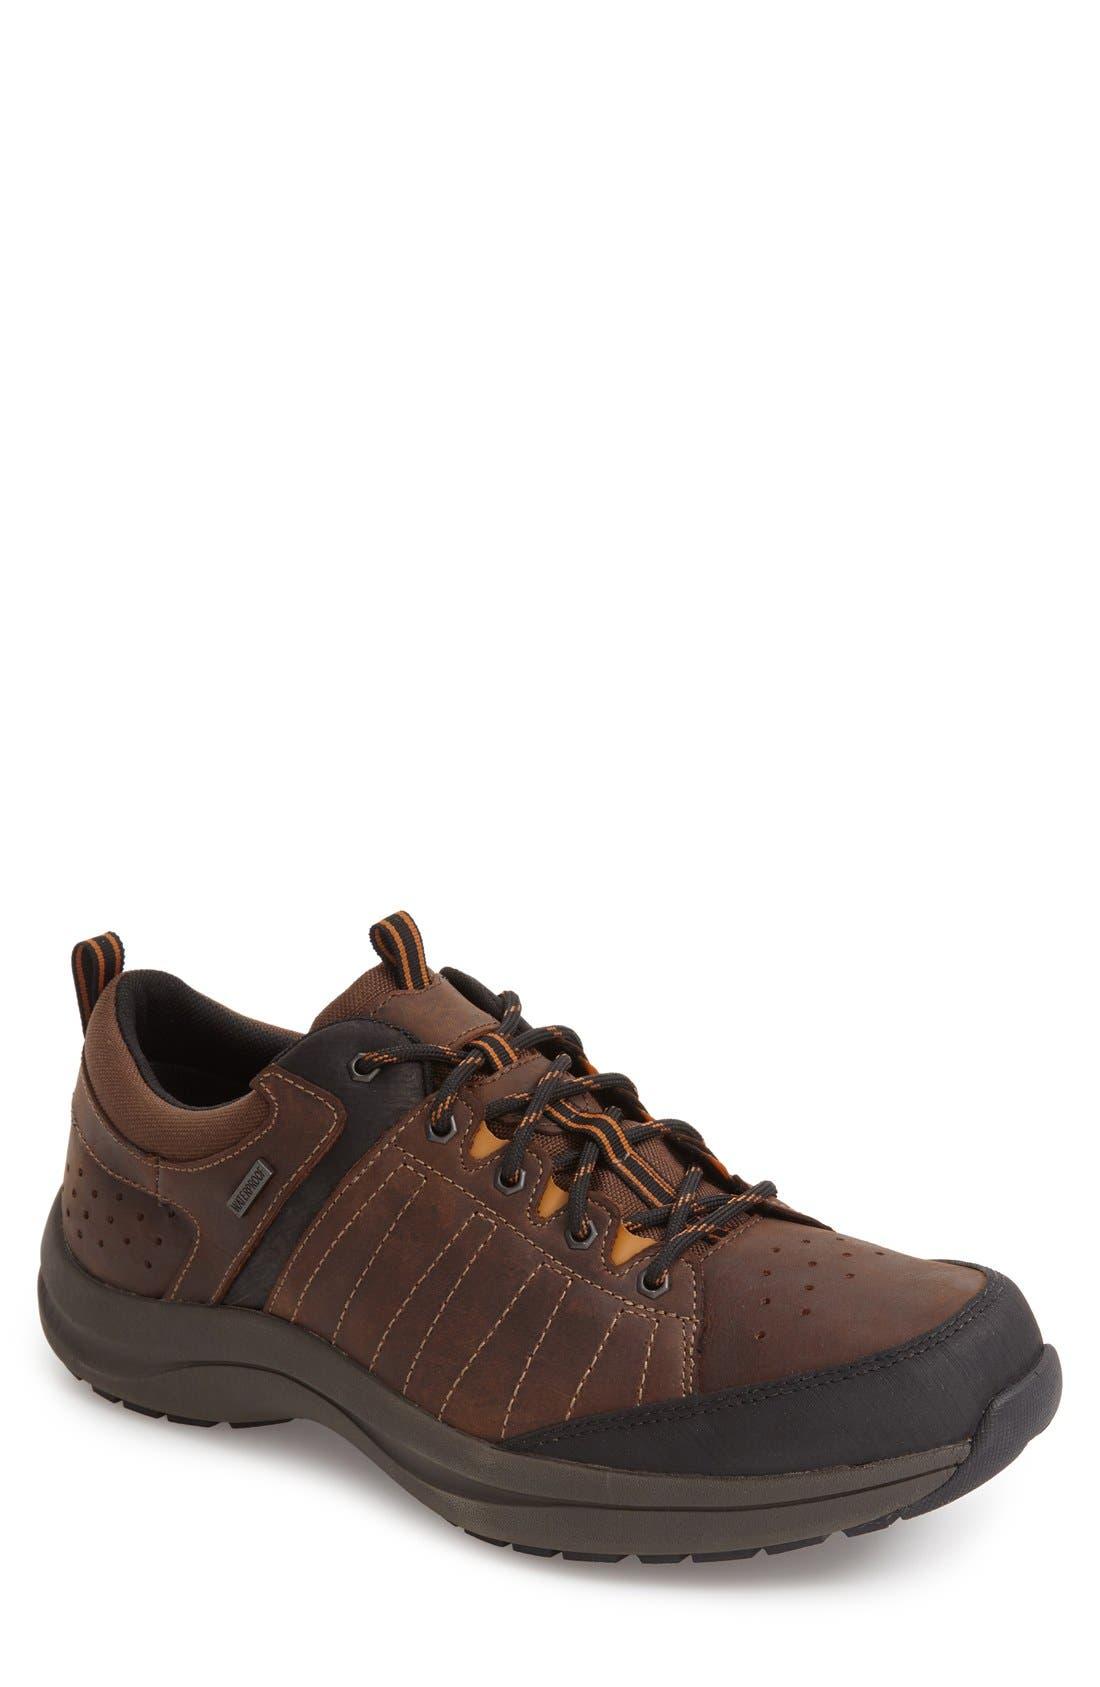 Alternate Image 1 Selected - Dunham Seth-Dun Waterproof Sneaker (Men)